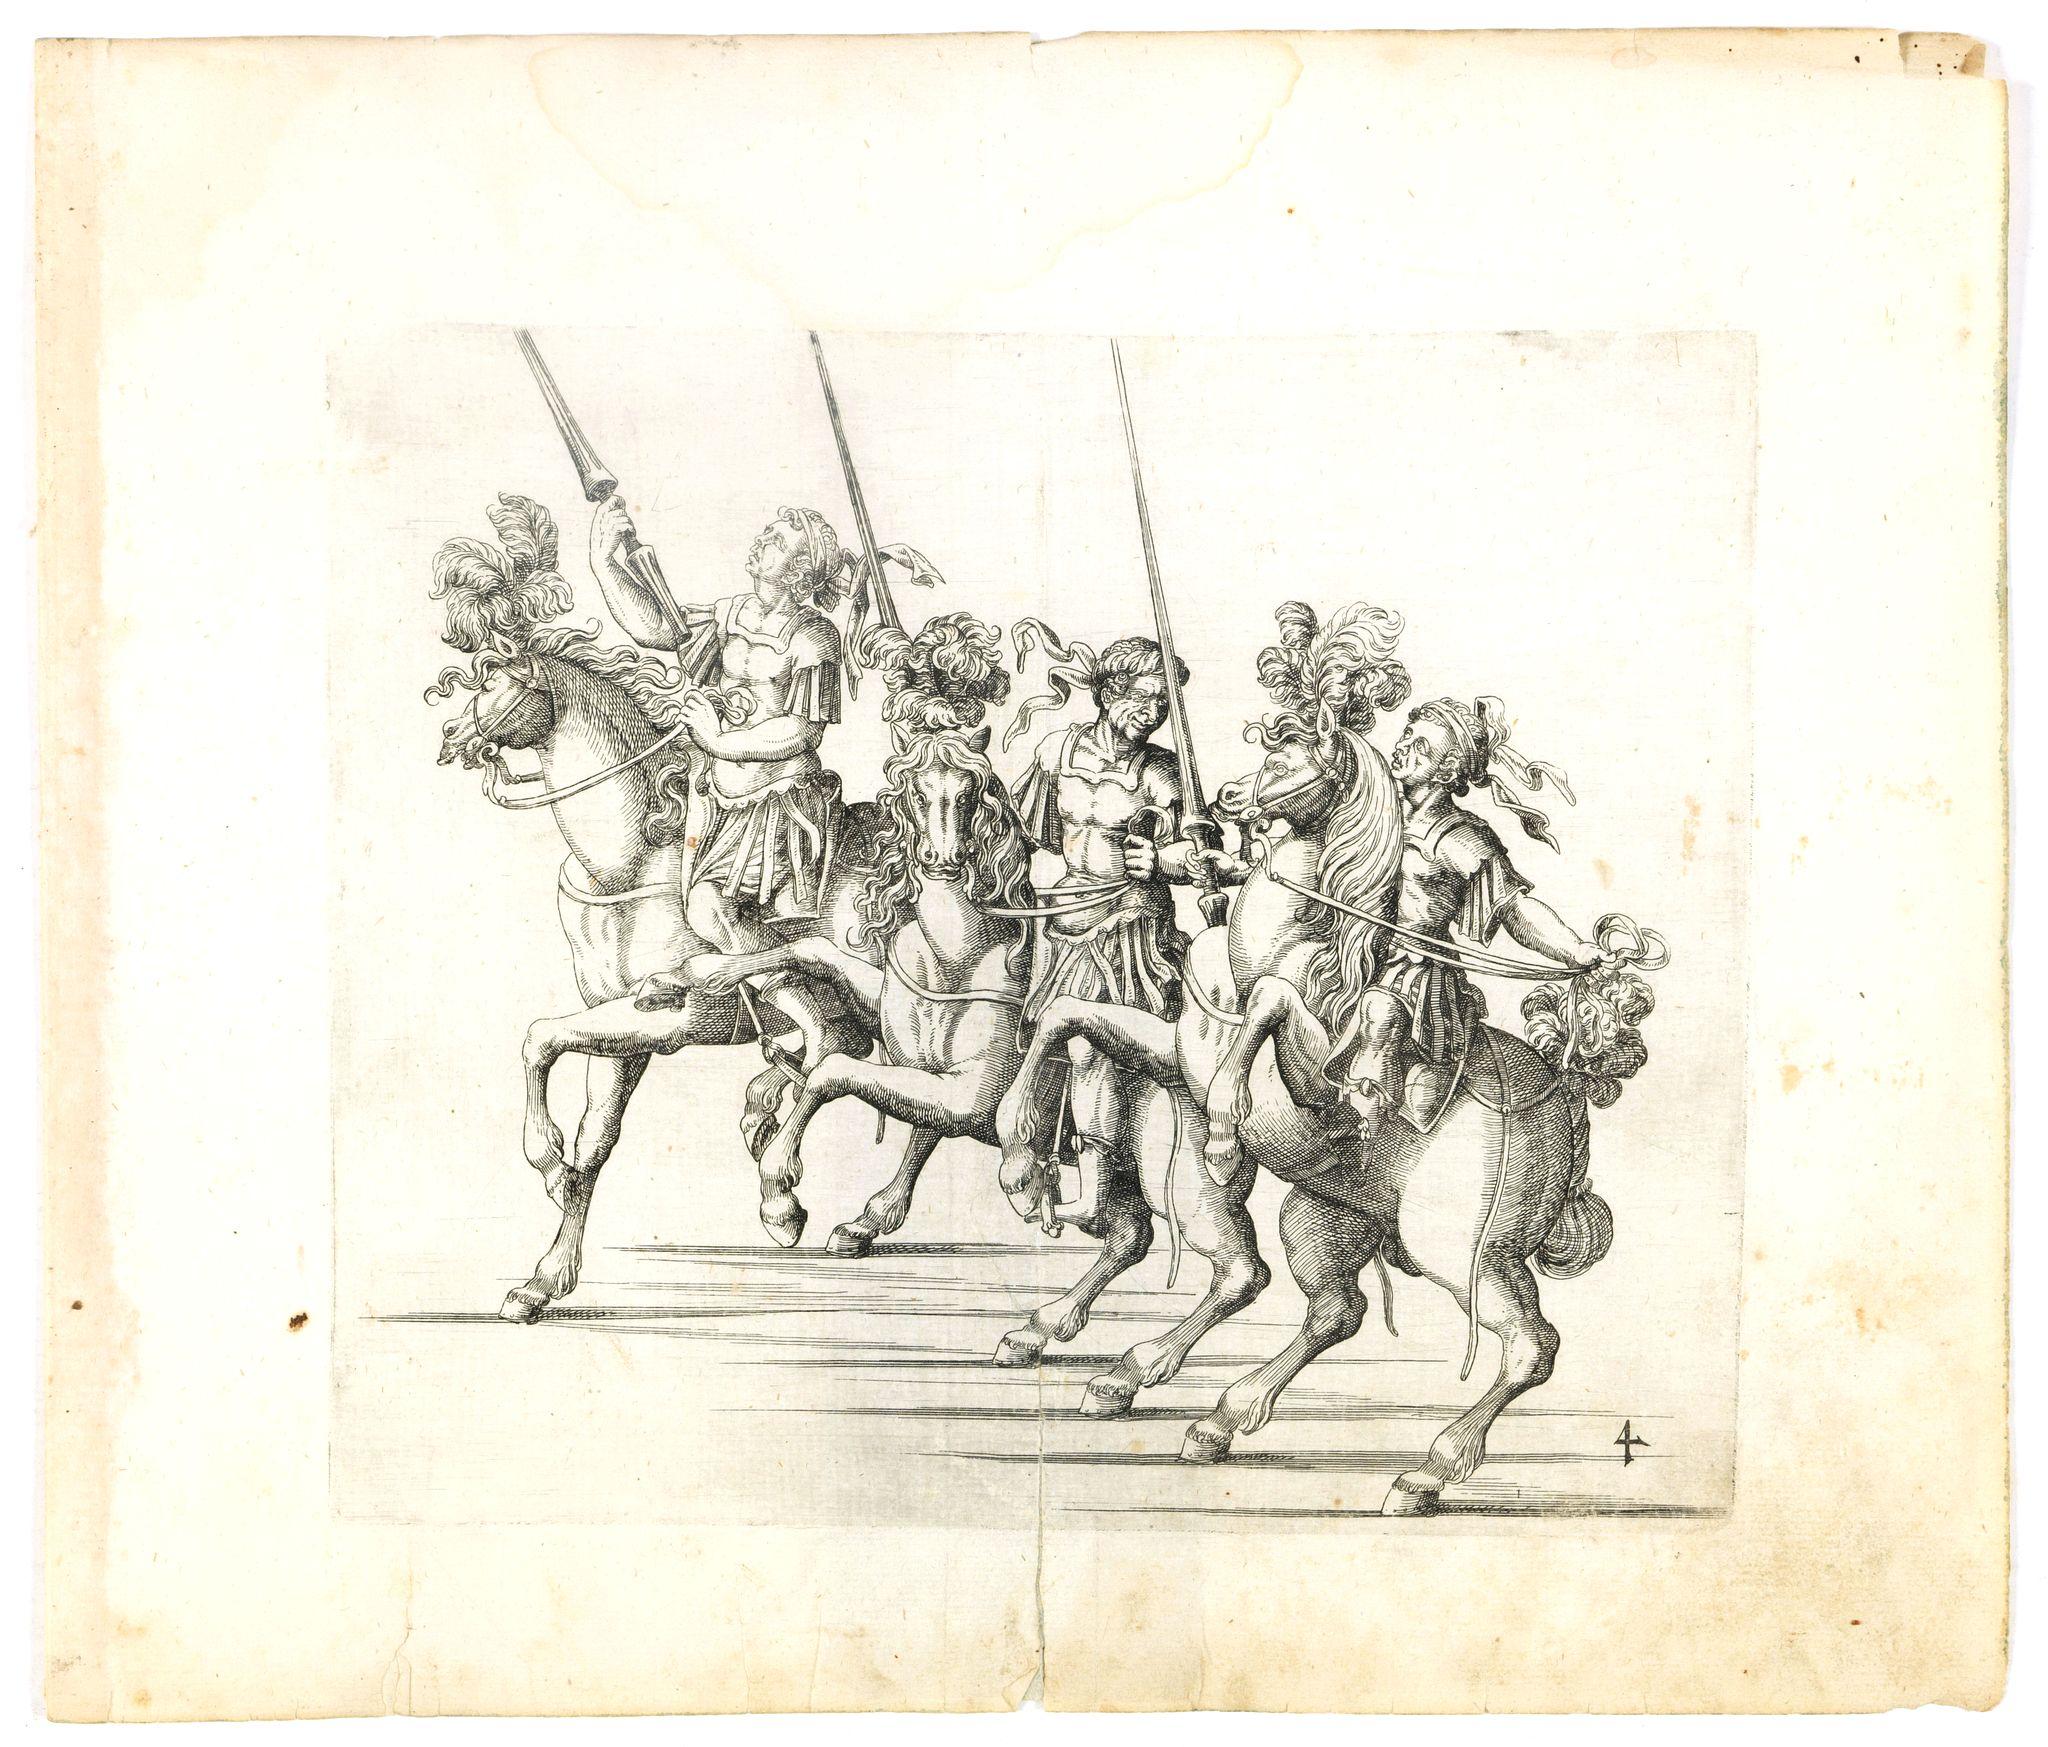 MERIAN, M. -  Aufzug des durchleuchtigsten hochgebornen Fürsten und Herren, Herren Friderichen Pfaltzgrafen bey Rhein.. .